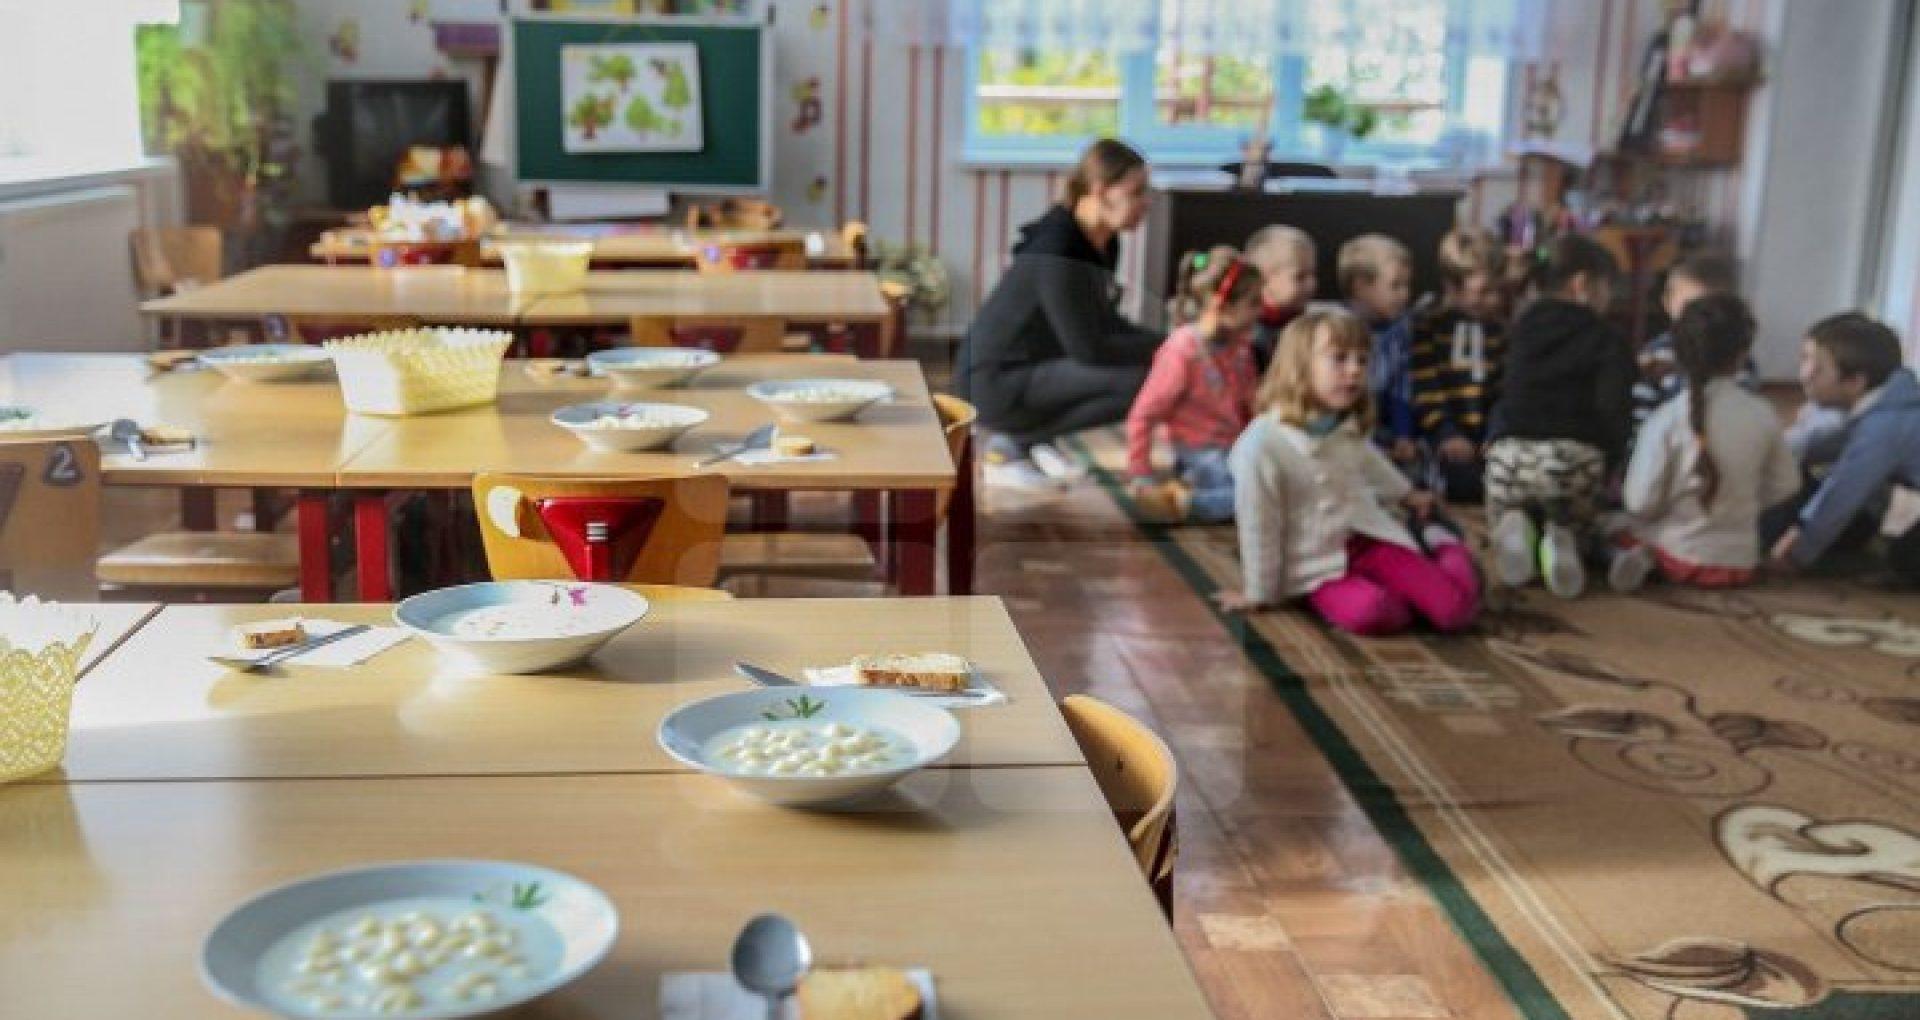 De la începutul anului curent, în grădinițele din Chișinău este aplicat meniul unic pentru alimentația copiilor